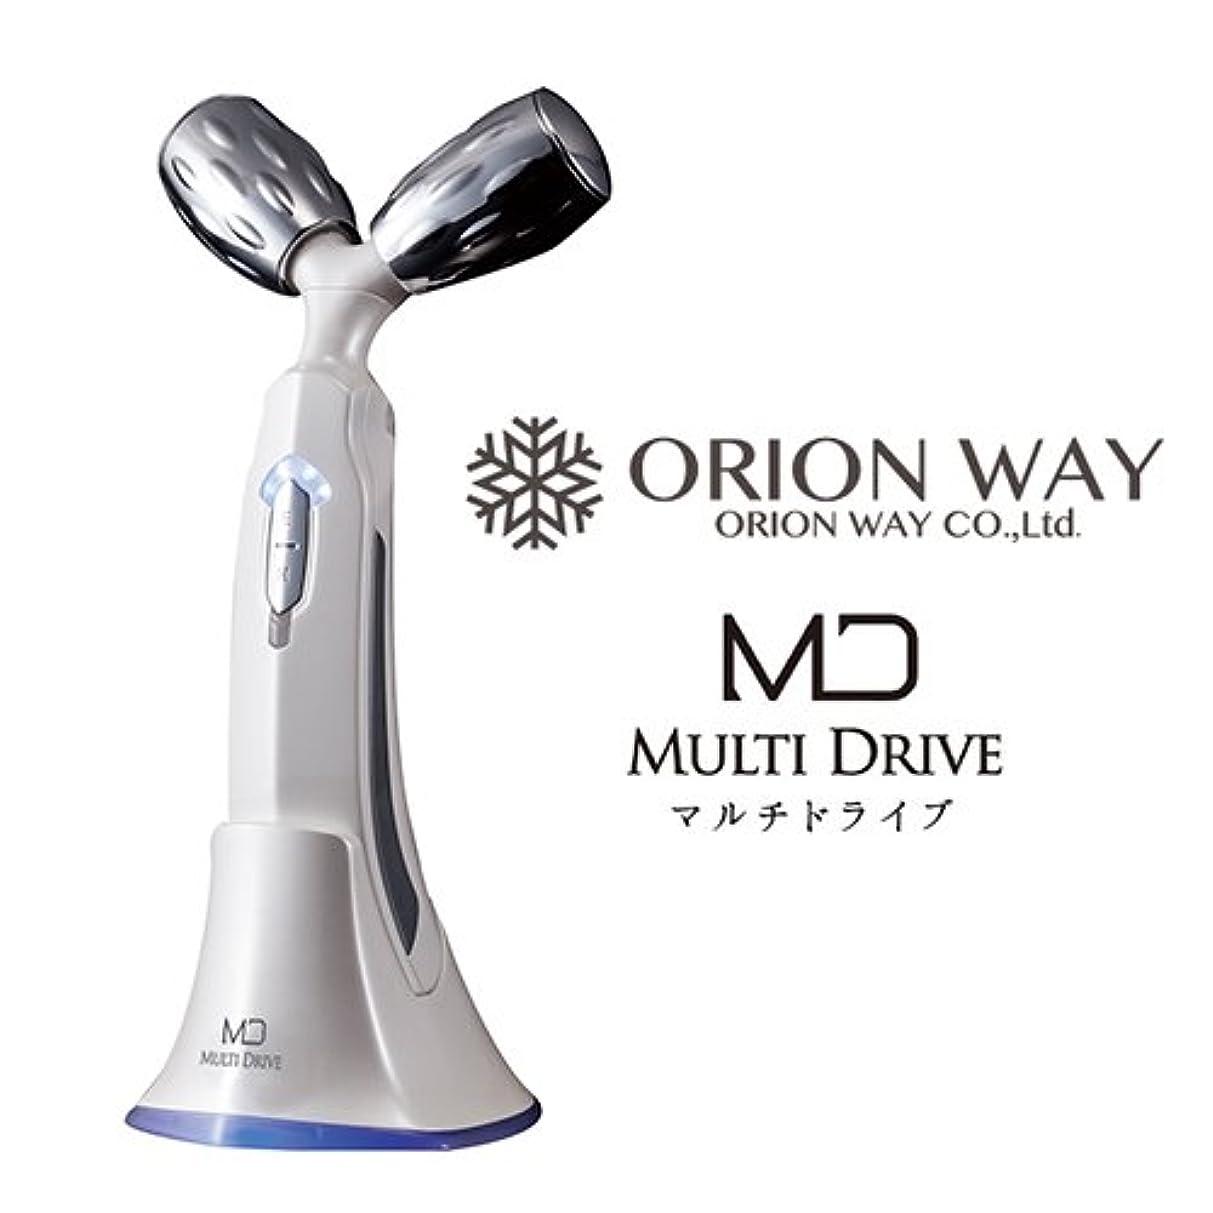 不愉快影響時計回り美容機器 MULTI DRIVE (マルチドライブ)